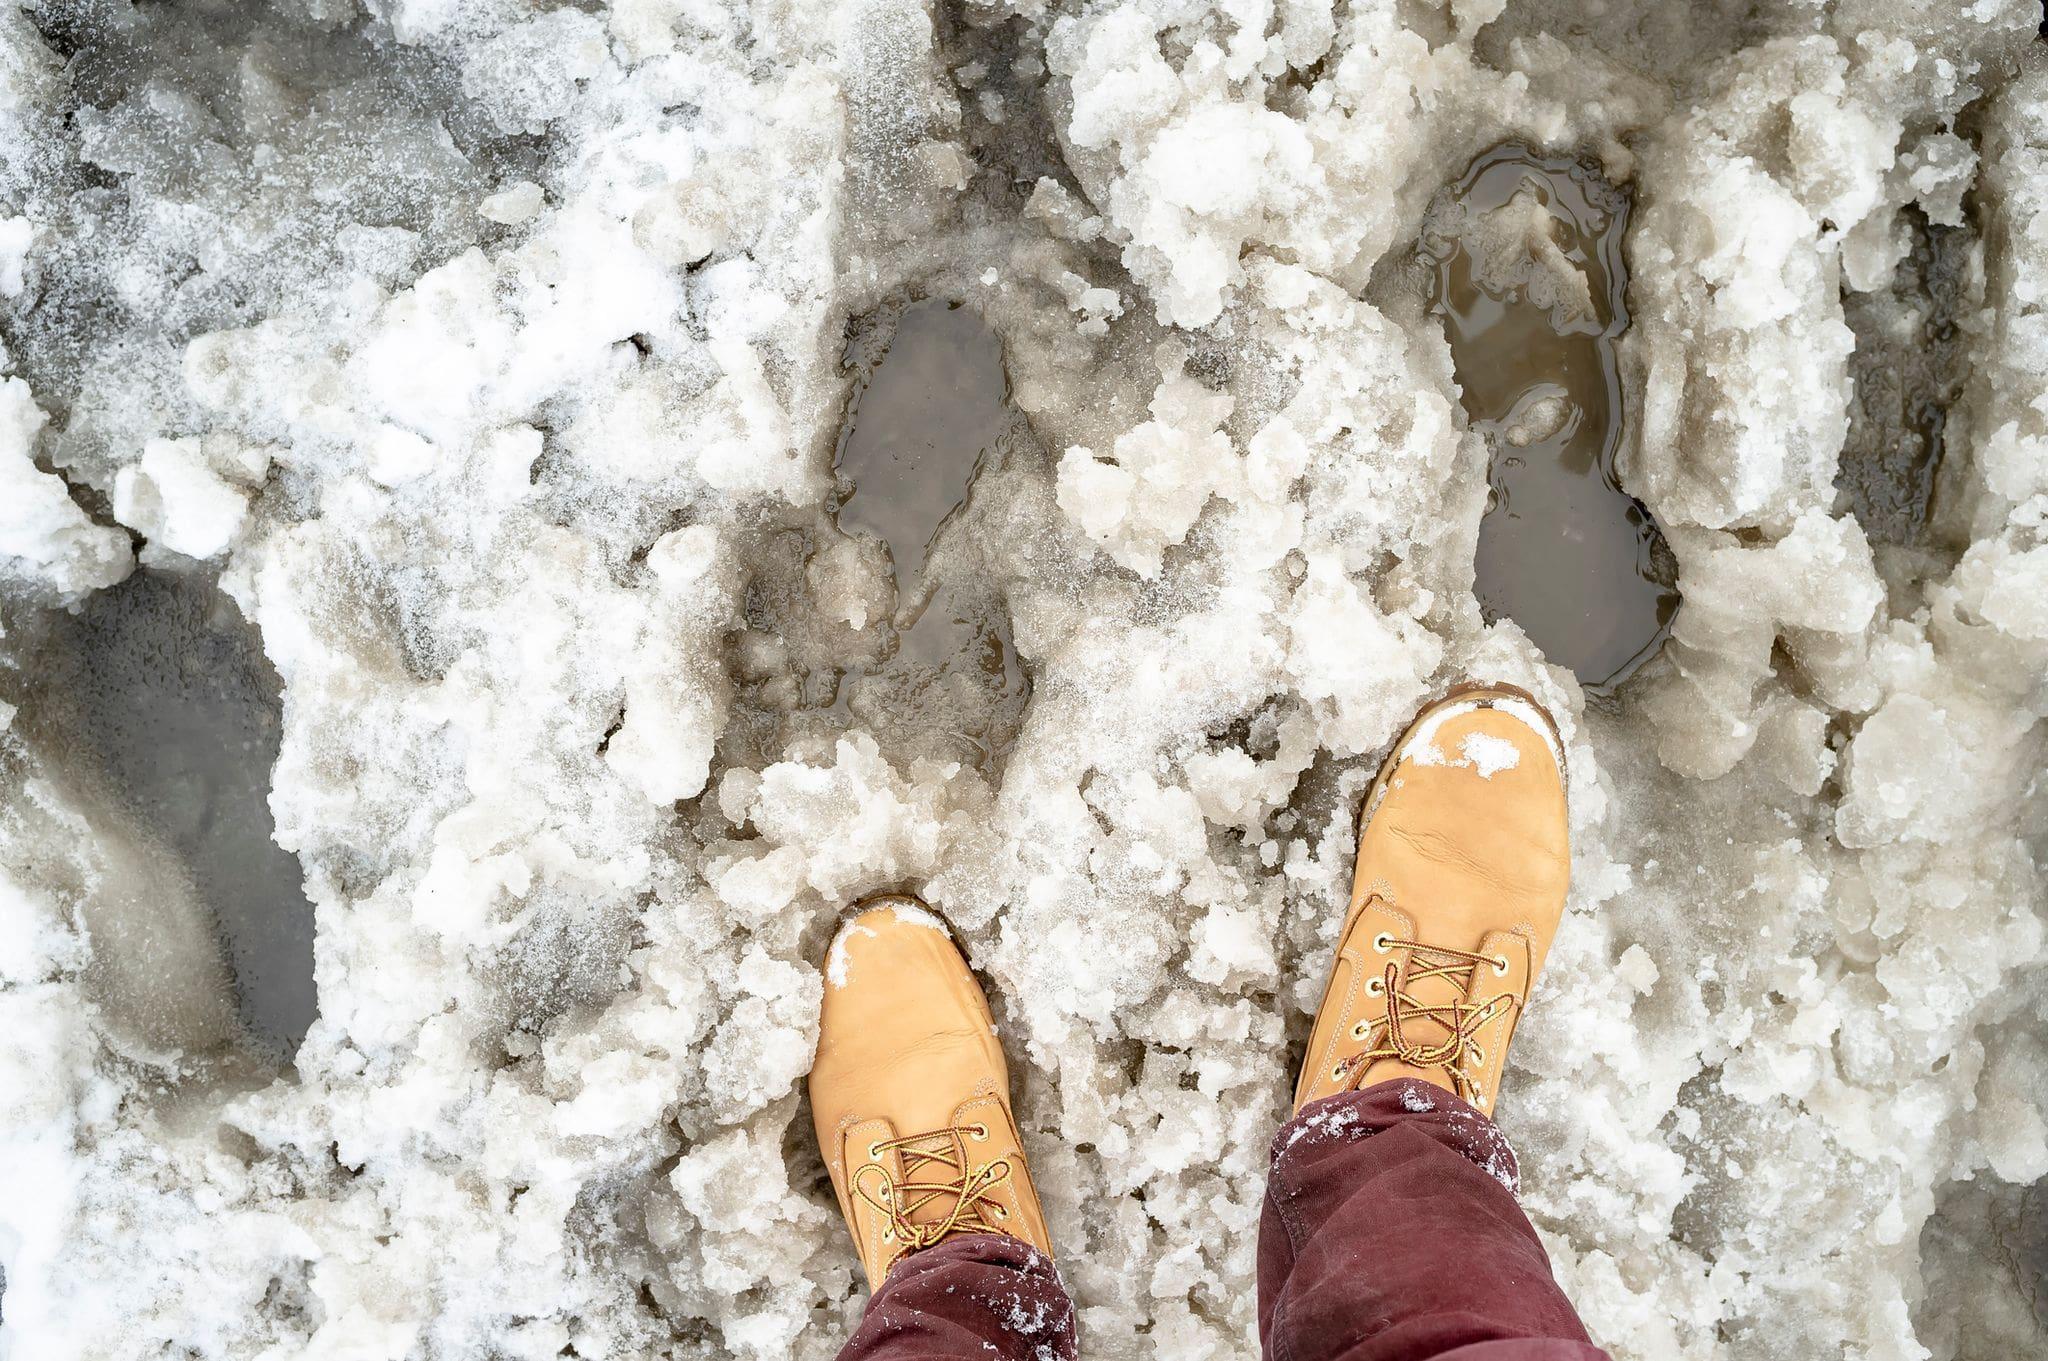 yellow-boots-in-slush-min.jpeg?mtime=20210107143750#asset:21778